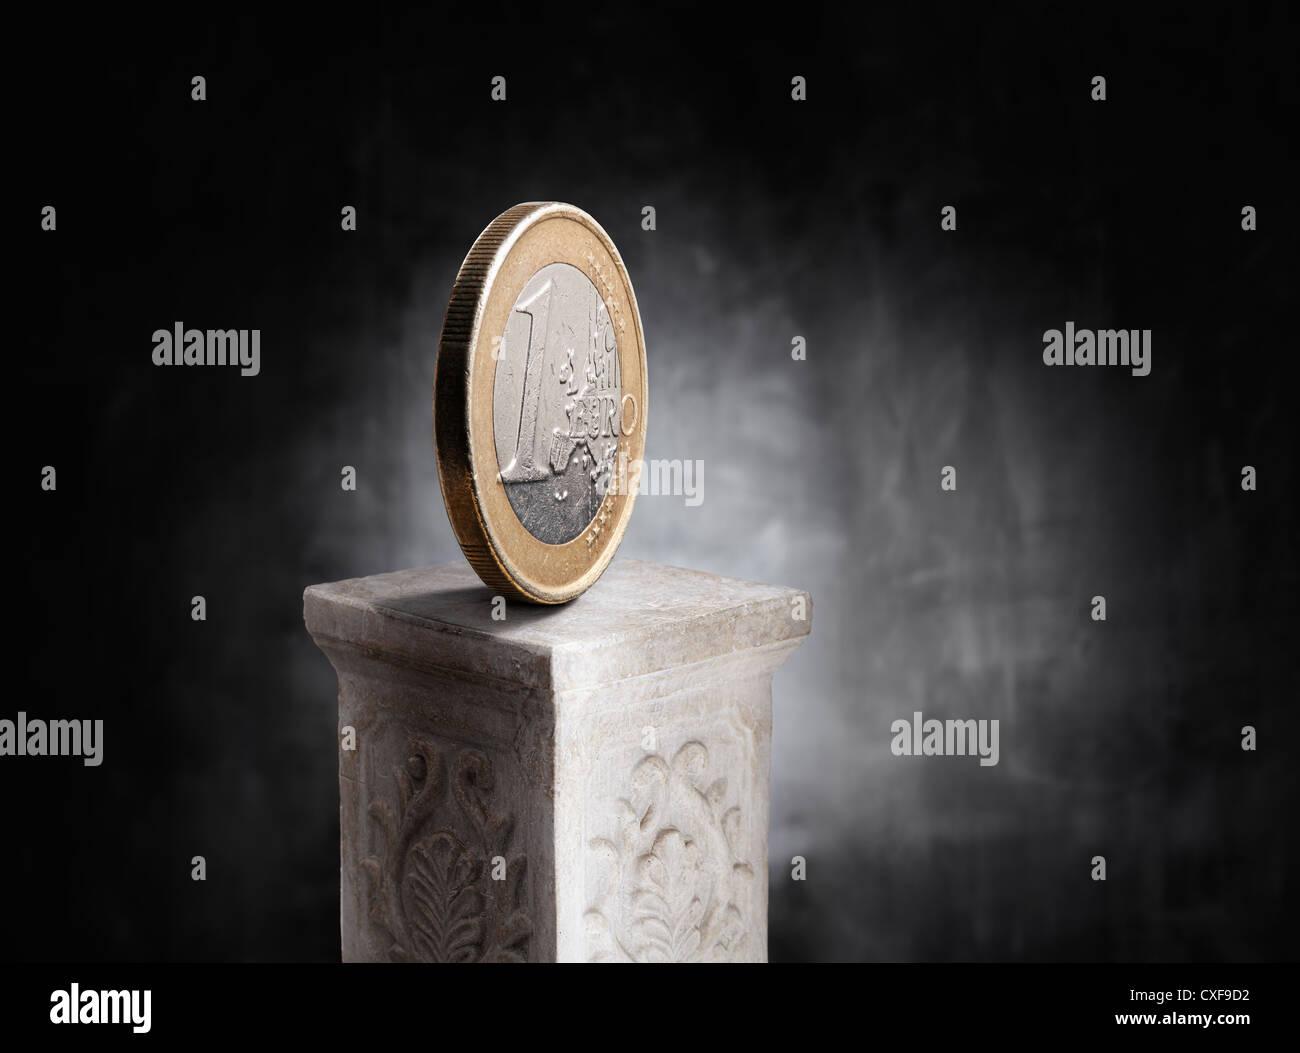 Euro-Münze auf der Oberseite eine Gips-Spalte. Stockbild